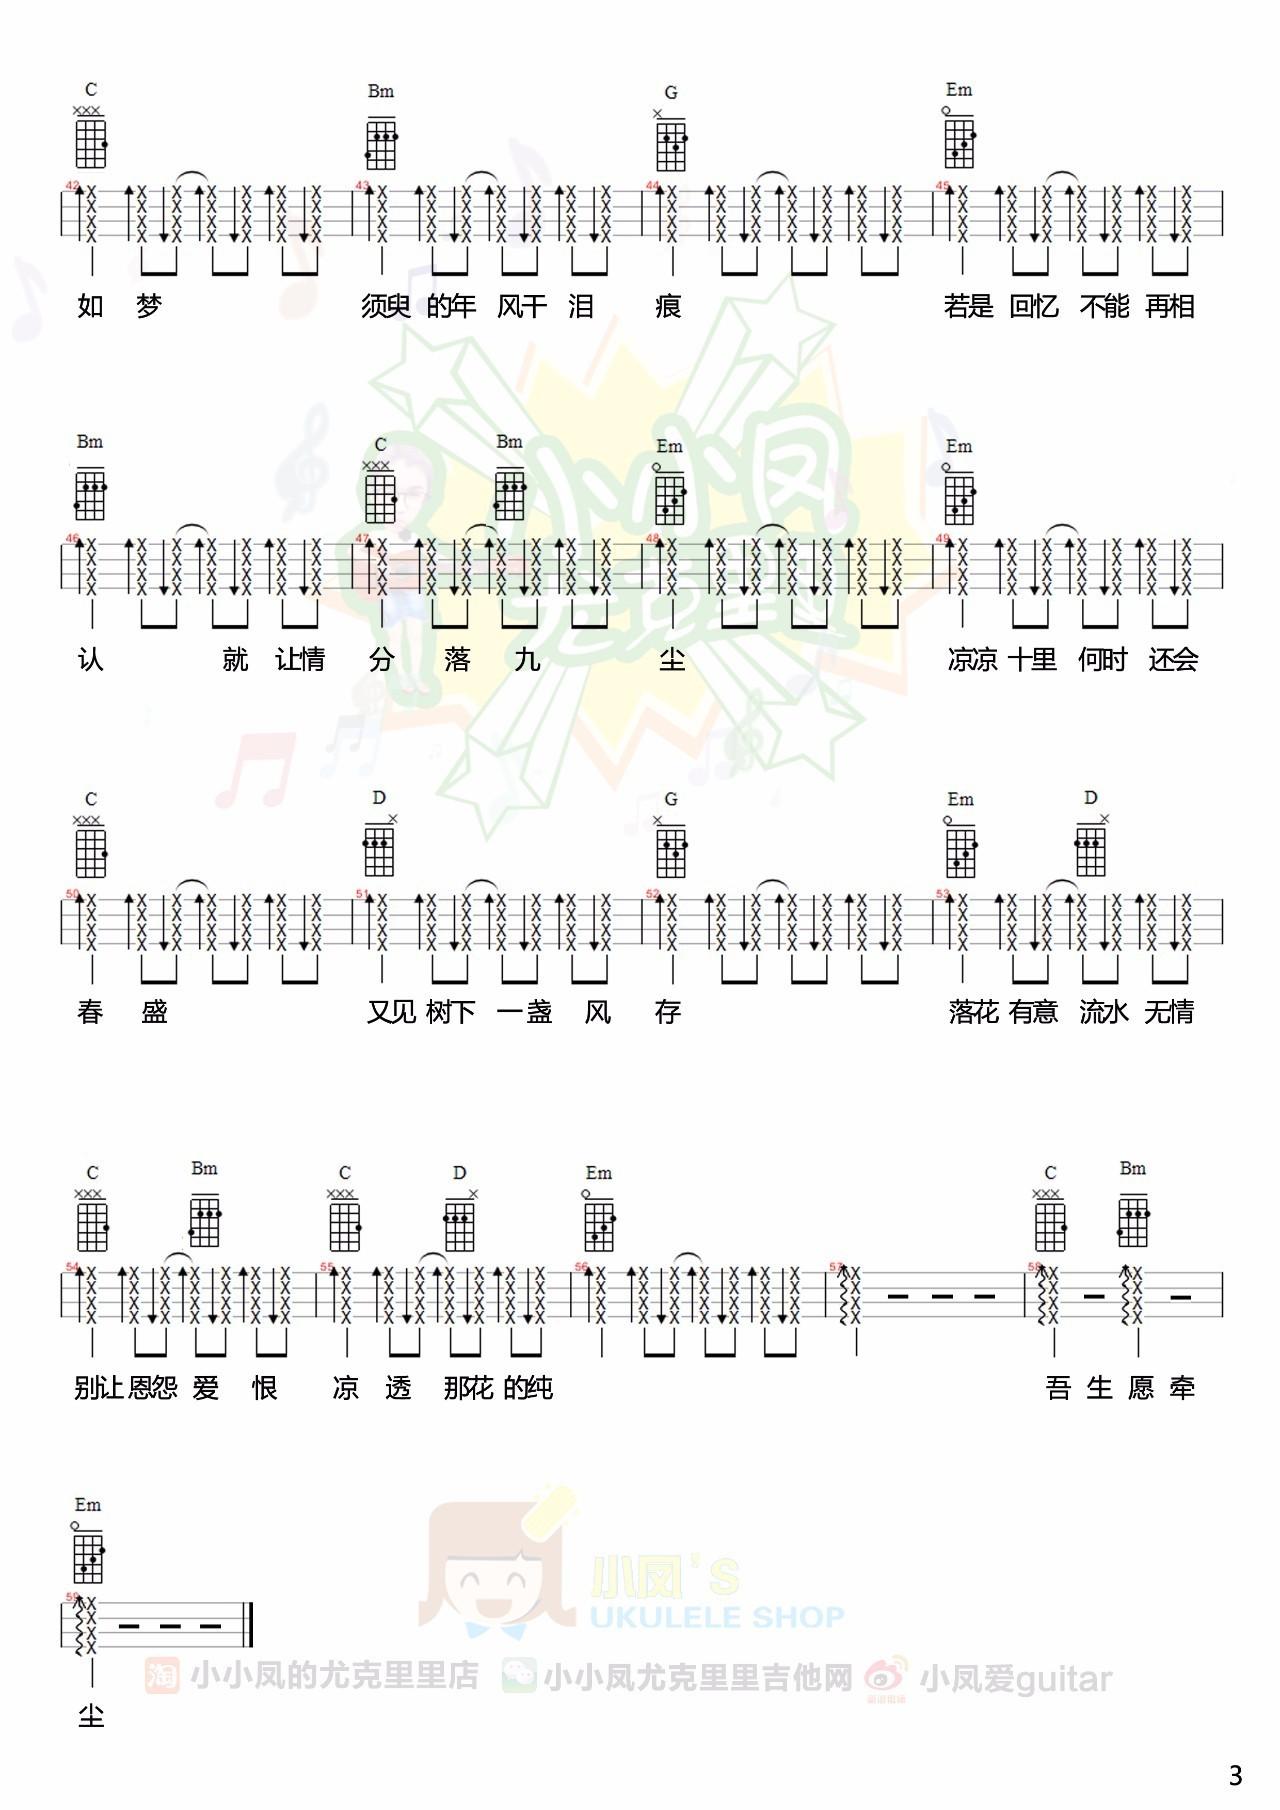 三生三世《凉凉》ukulele谱高清合唱版